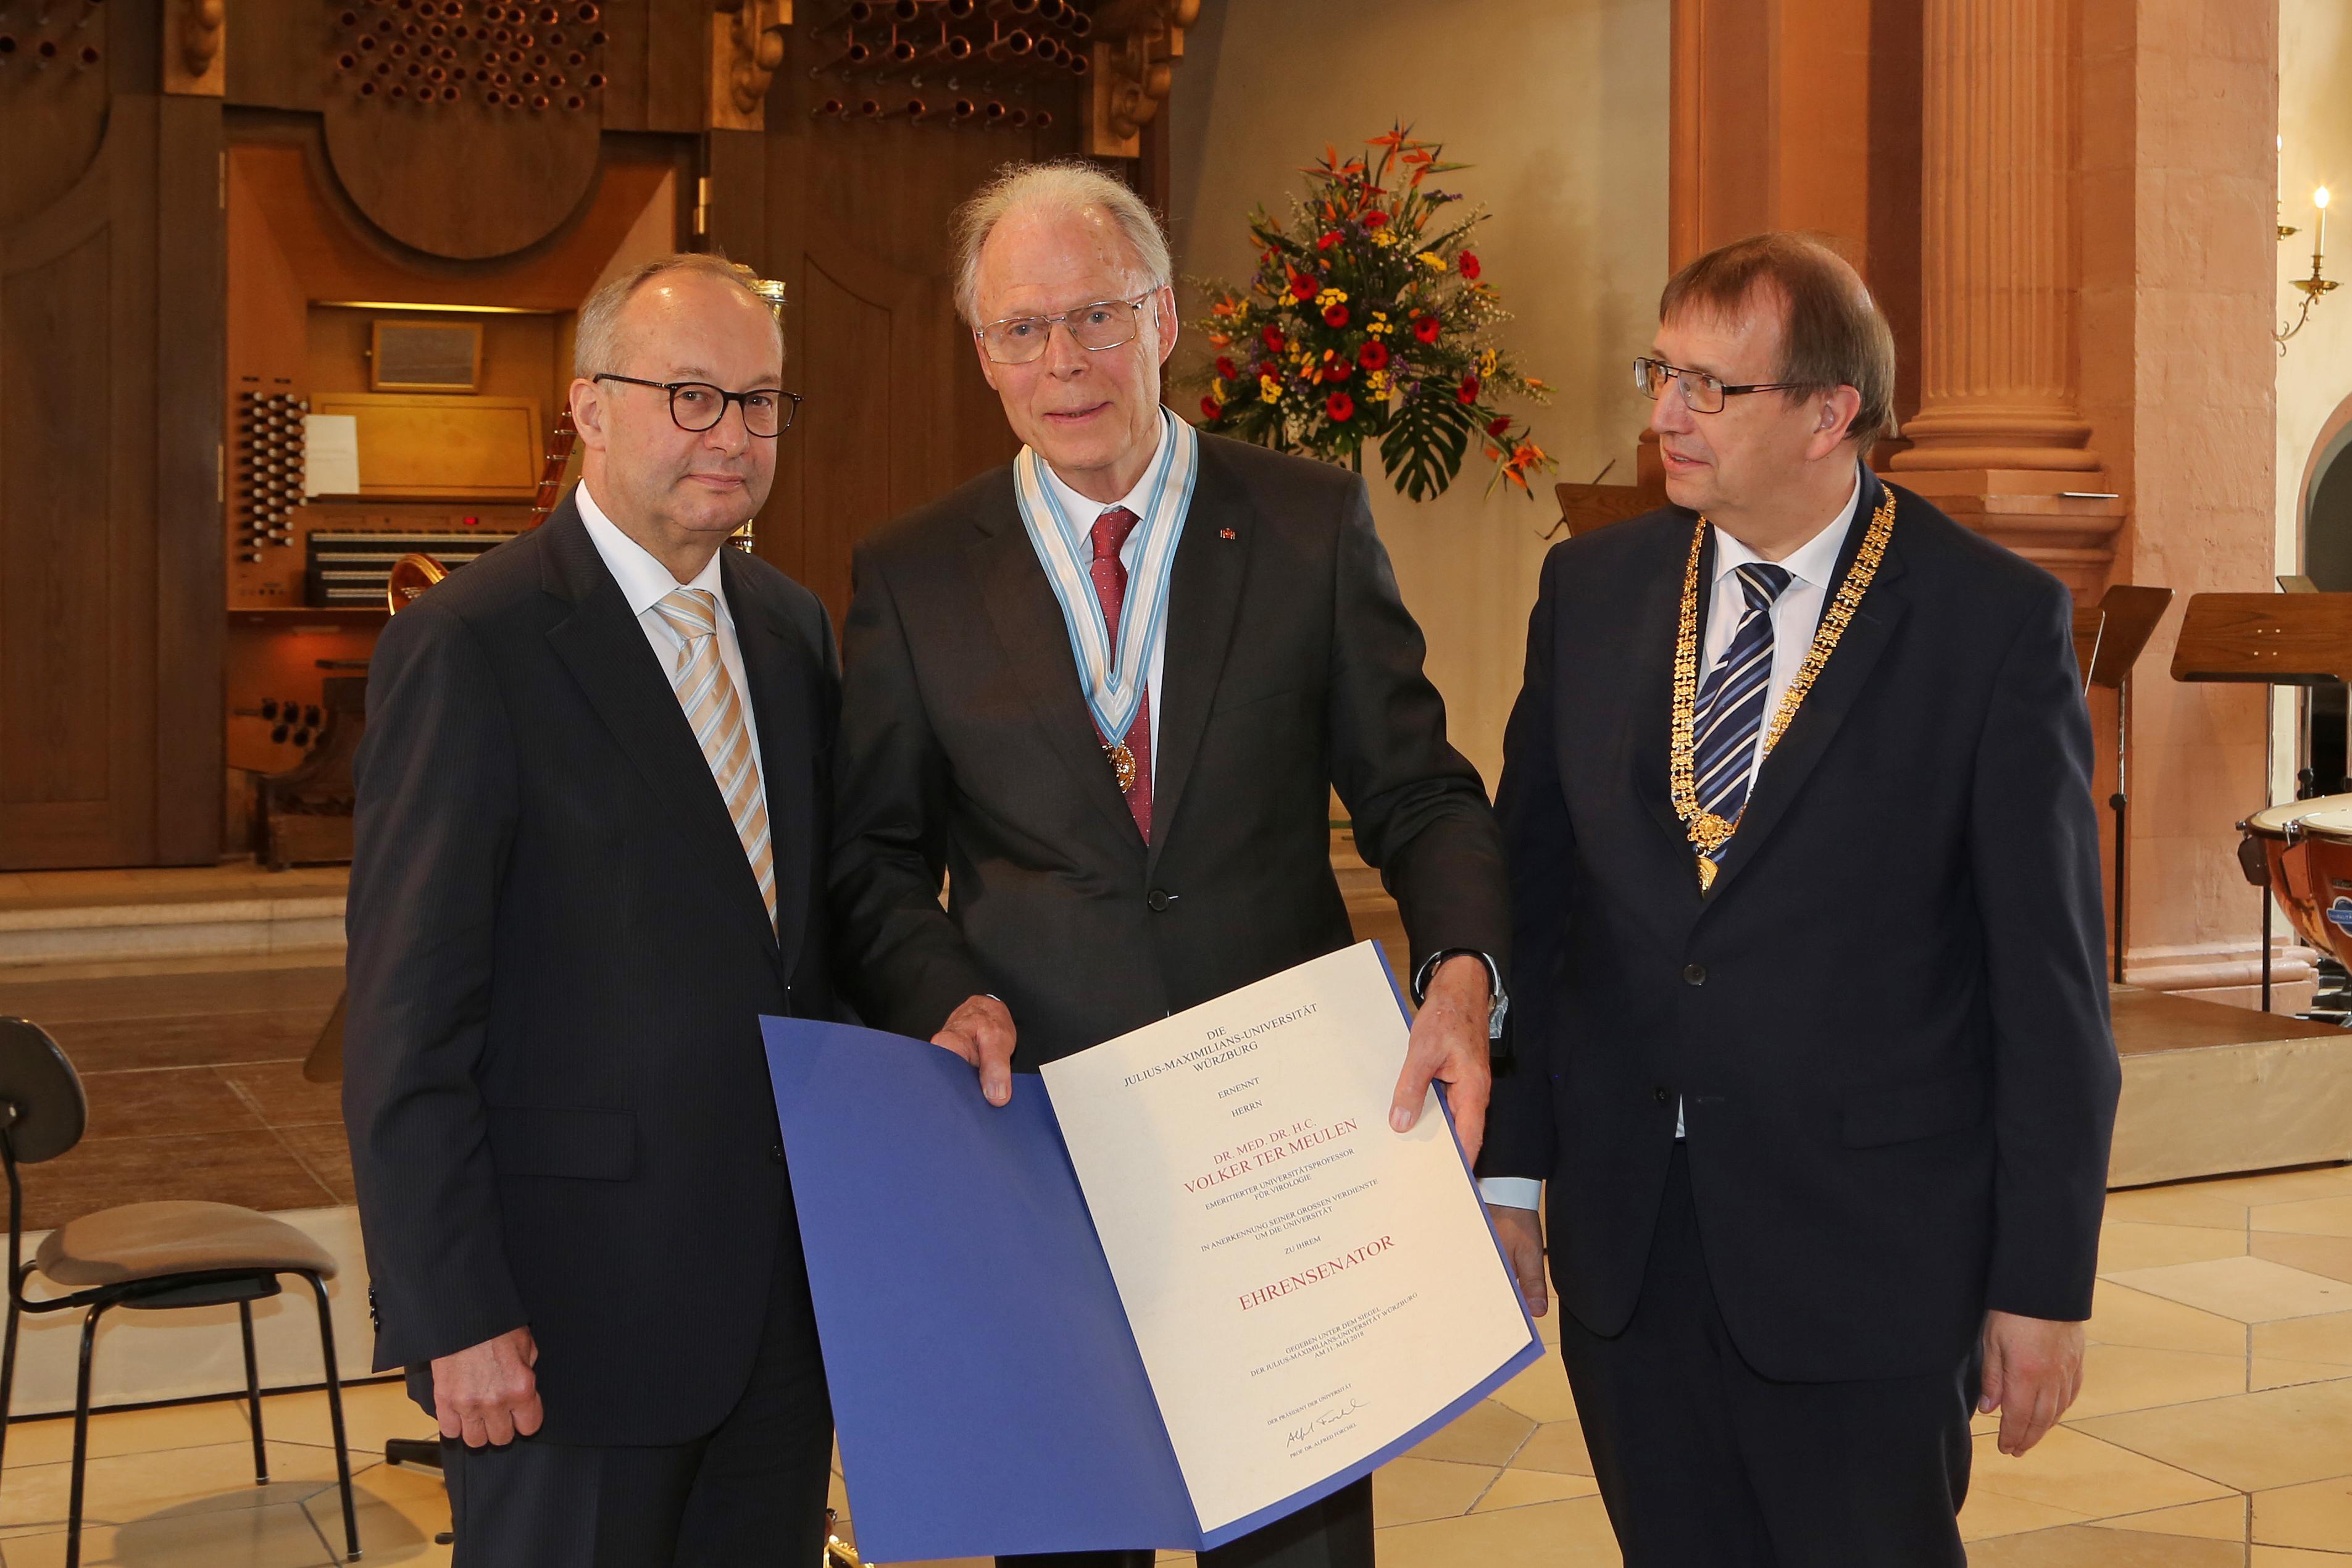 59132bc1baff43 ... der Universität Würzburg sowie 2009 die Rinecker-Medaille der  Medizinischen Fakultät verliehen. In Anerkennung seiner überragenden  wissenschaftlichen ...